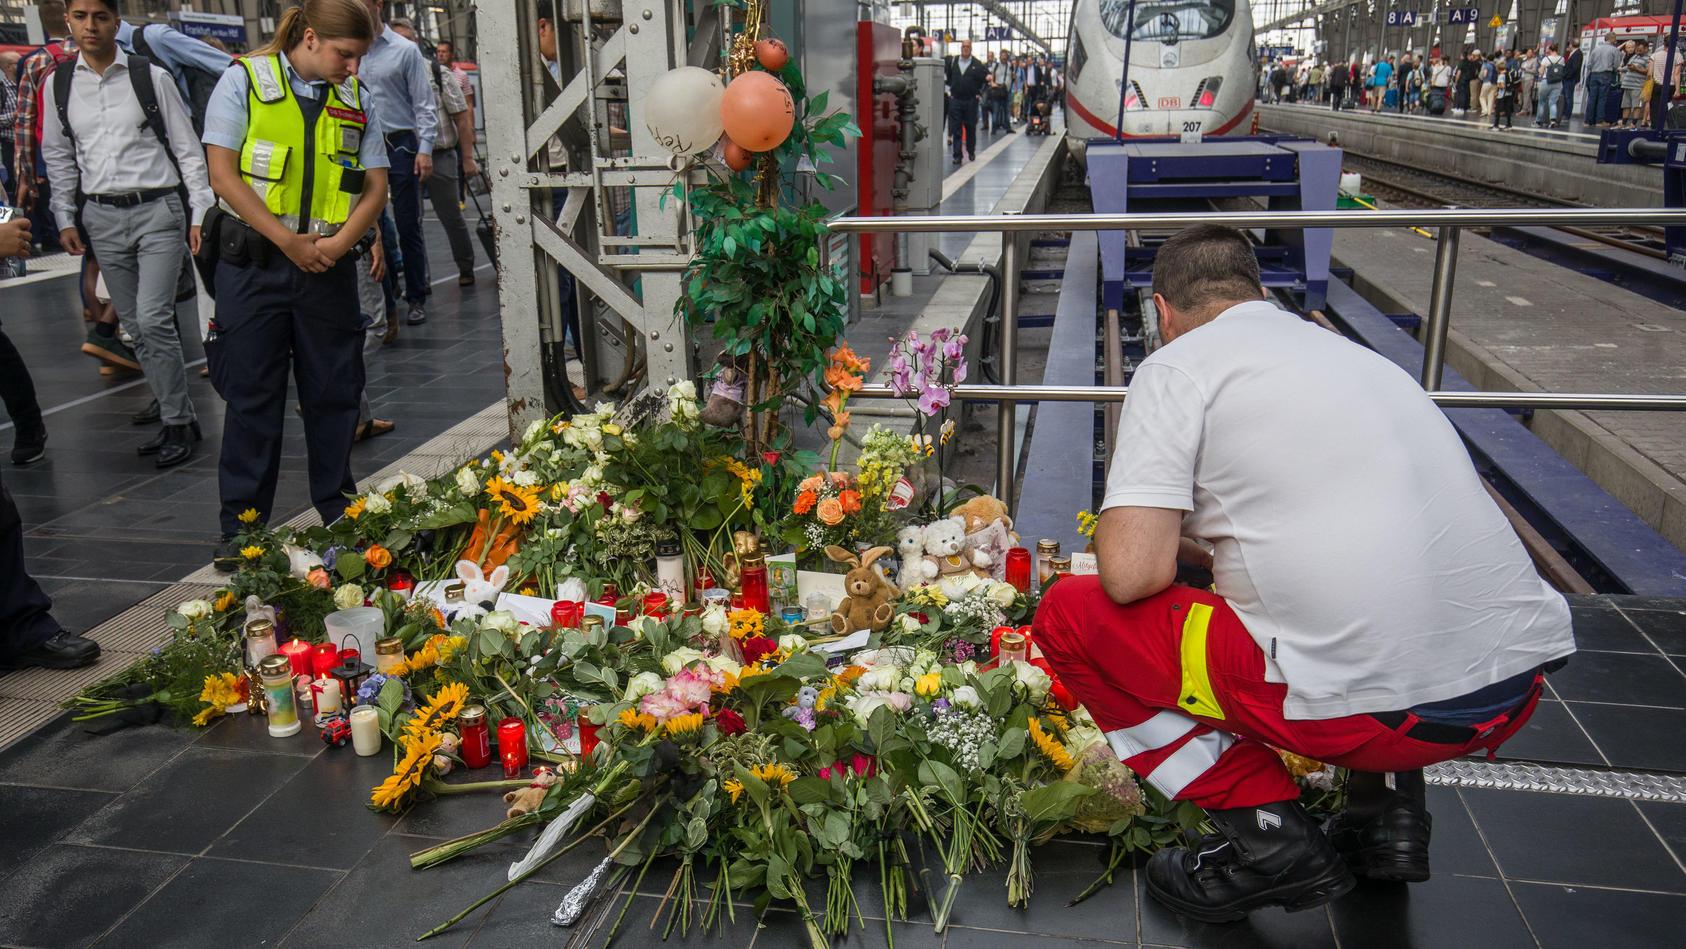 Nach Attacke im Frankfurter Hauptbahnhof: Blumen am Gleis